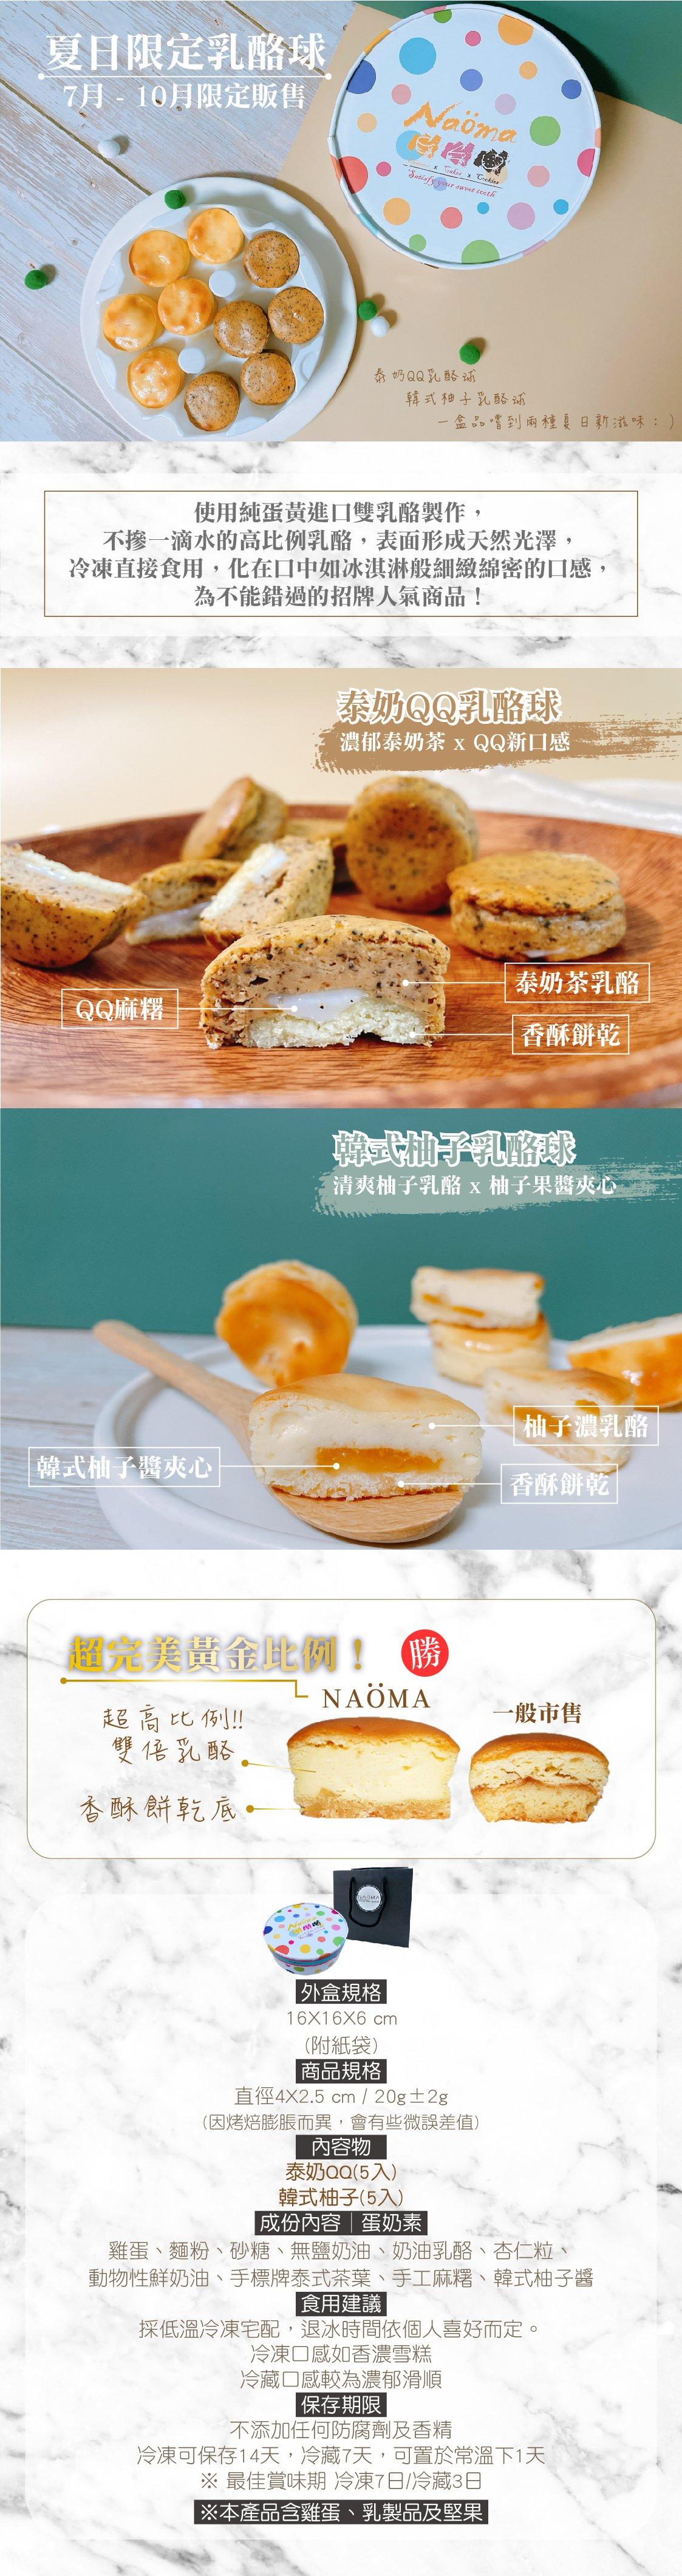 官網-夏日限定乳酪球-02